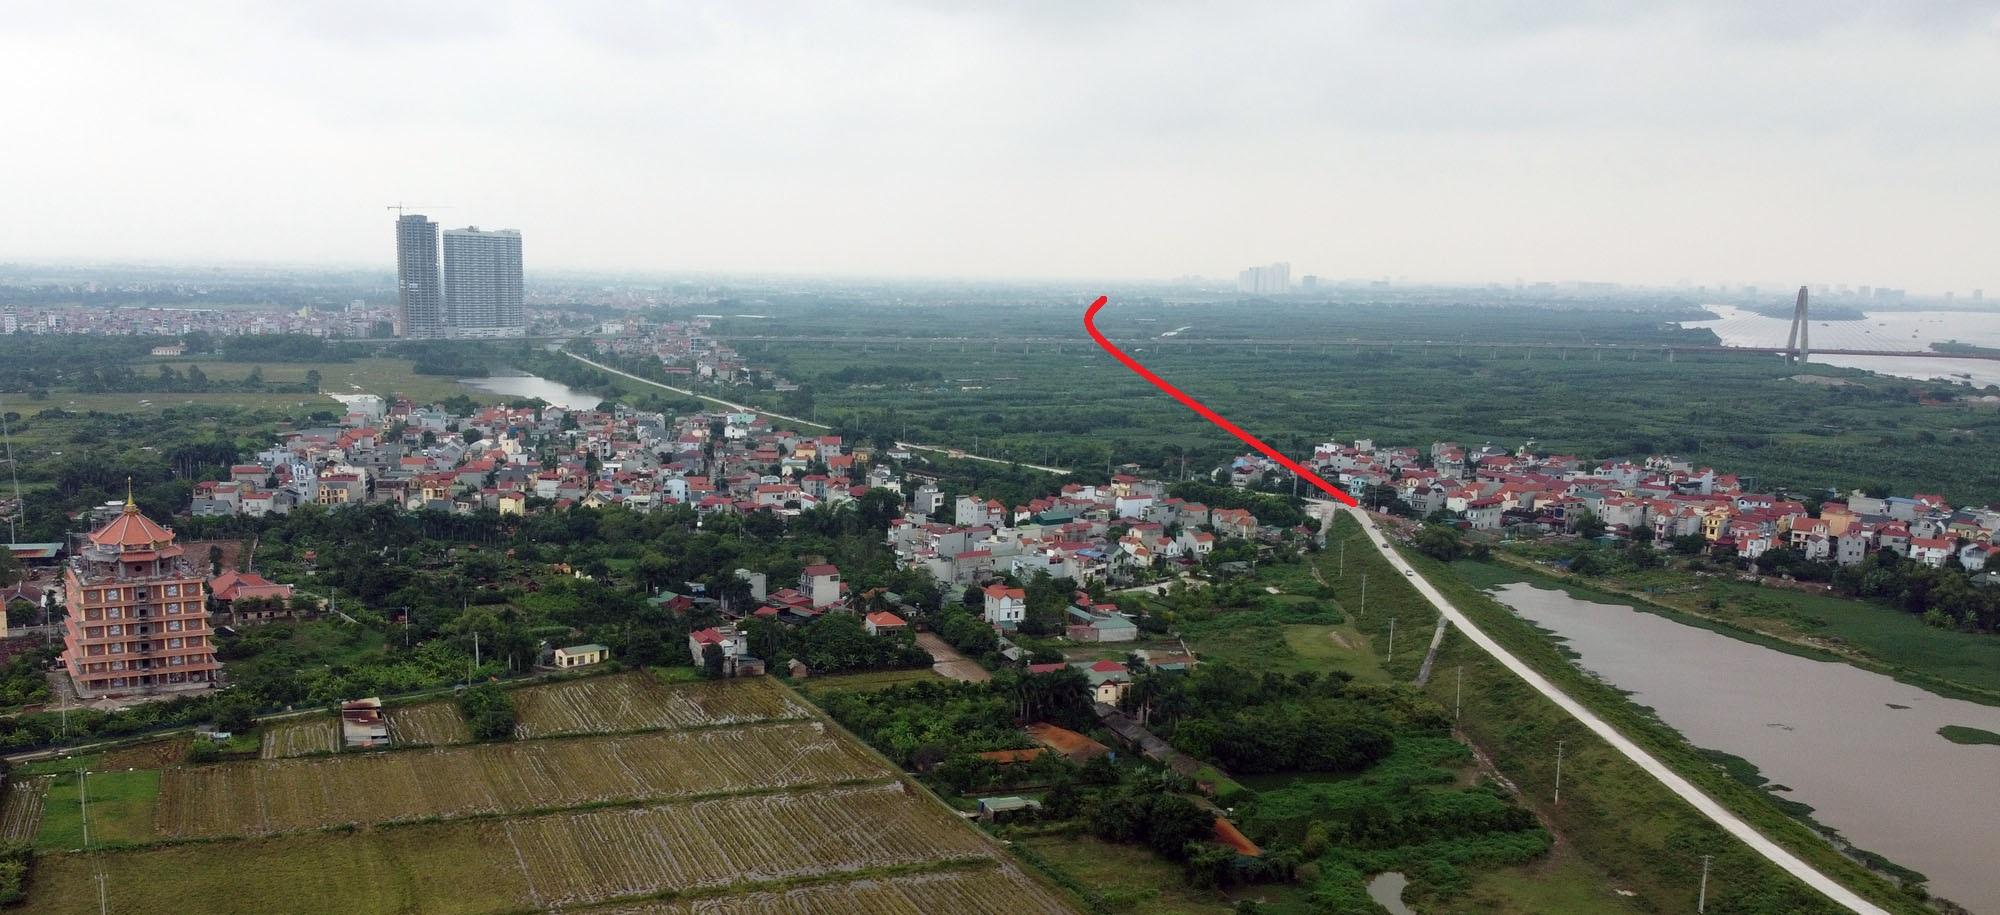 4 đường sẽ mở theo qui hoạch ở xã Vĩnh Ngọc, Đông Anh, Hà Nội - Ảnh 8.